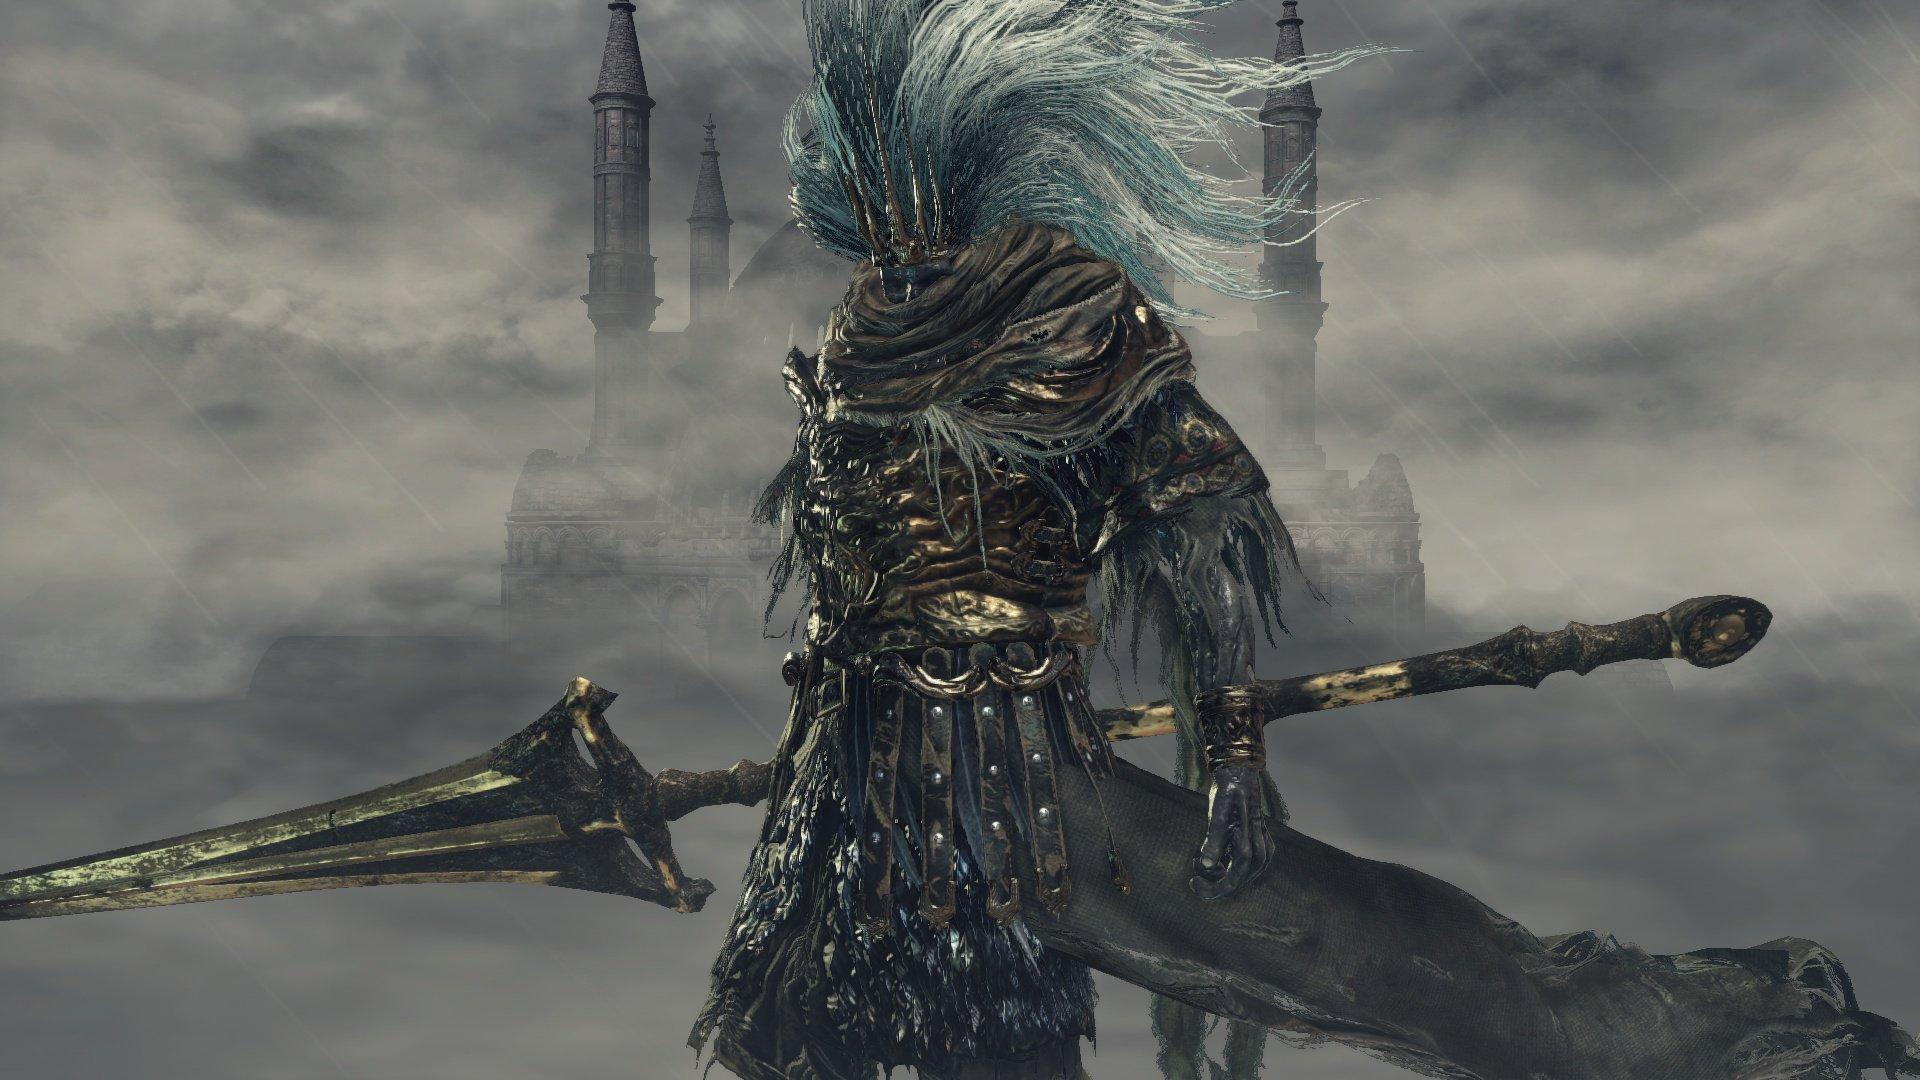 【魂學】無名王者,他究竟揹負了什麼樣的使命